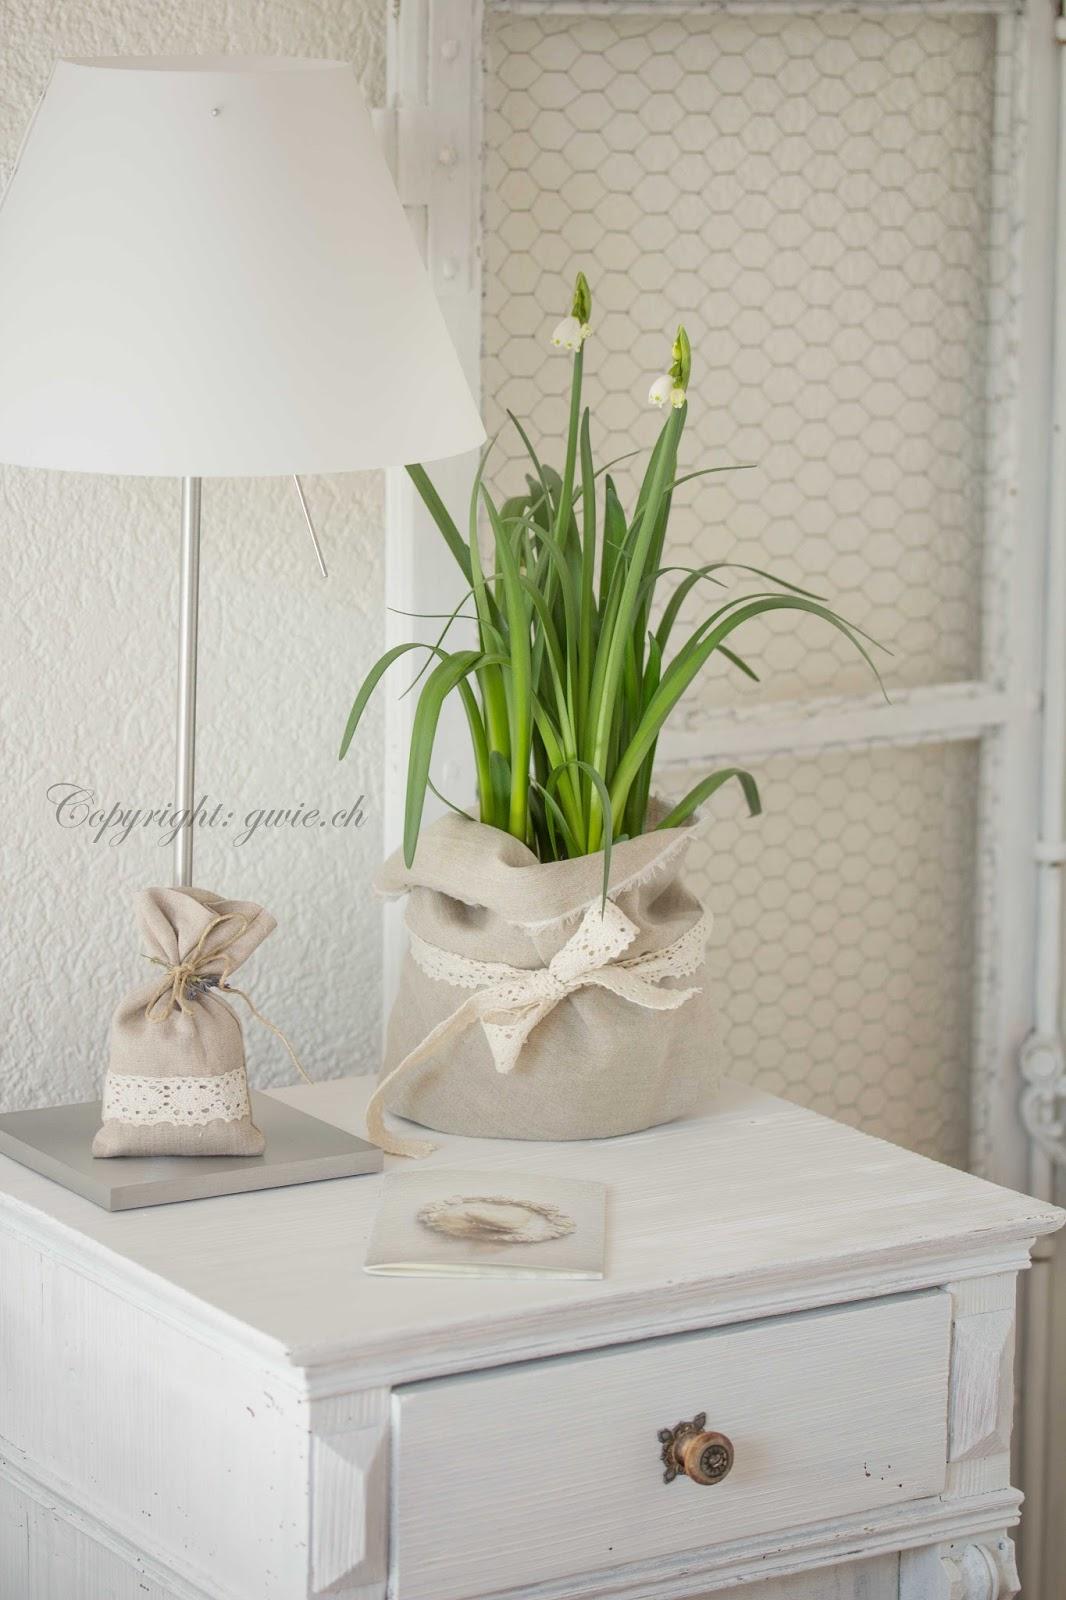 g wie m rzengl ckchen und einen blick auf meinen schrank. Black Bedroom Furniture Sets. Home Design Ideas